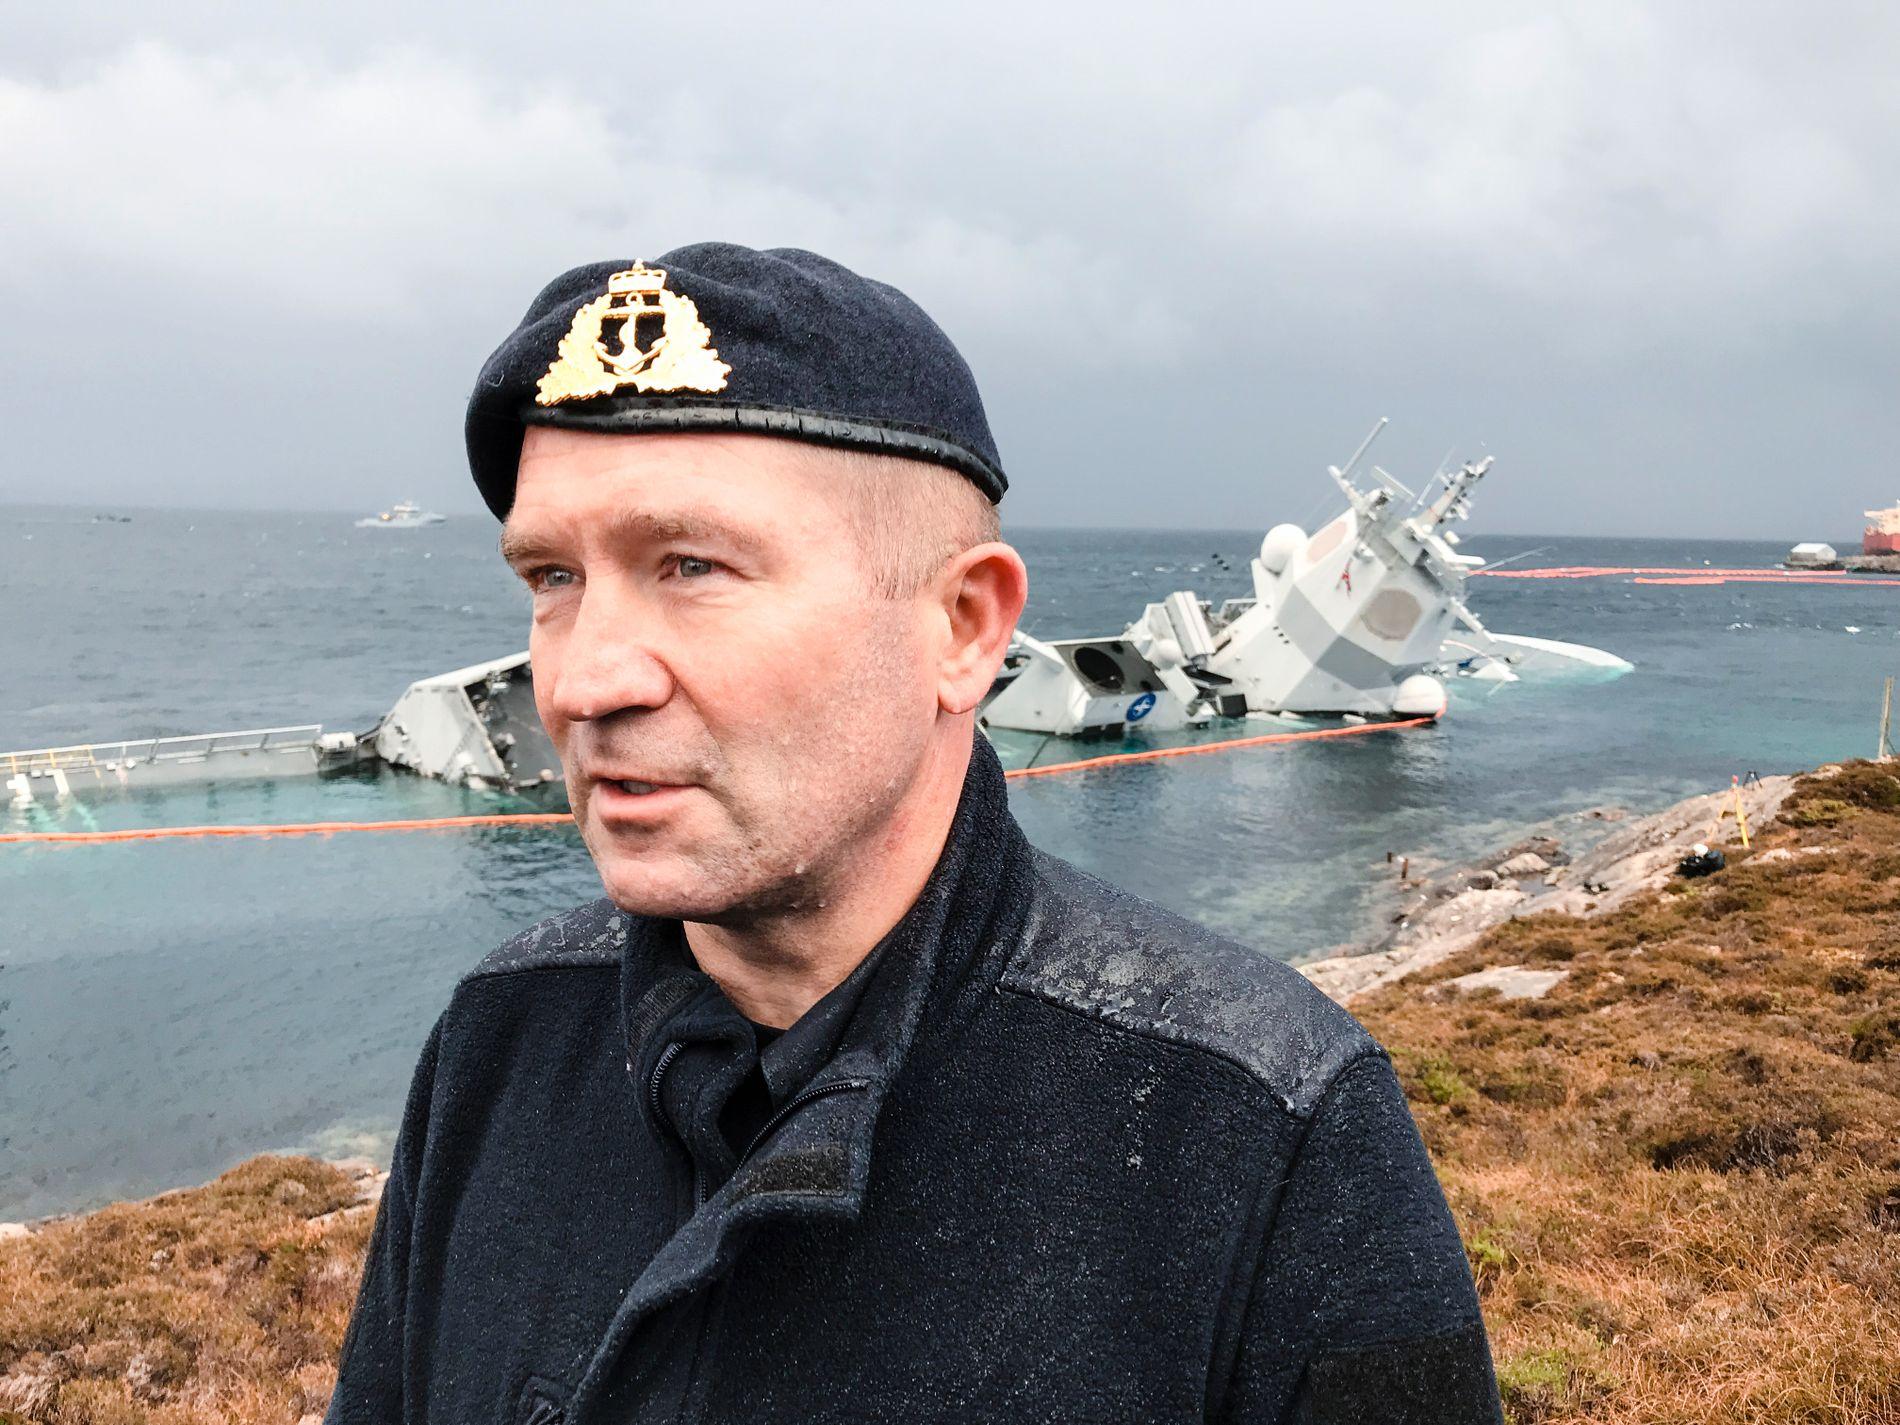 VED HAVARISTEN: Flaggkommandør Yngve Skoglund, sjef for Nasjonalt sjøoperasjonssenter.